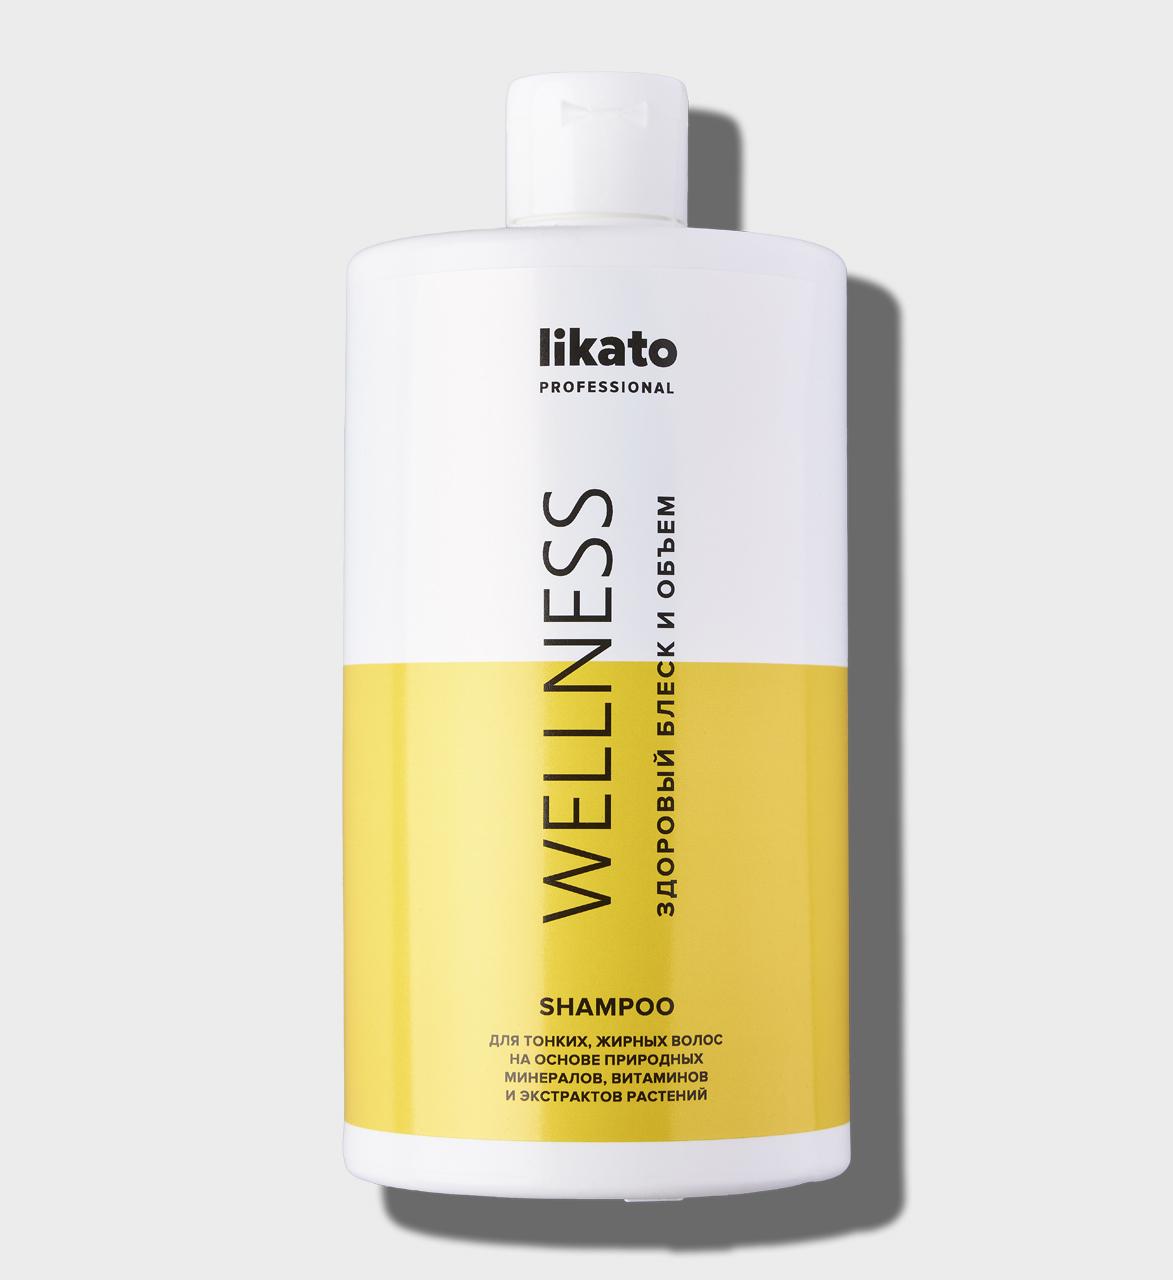 Купить Шампунь для мягкого очищения жирной кожи головы - 750 мл., 4603757310864, likato